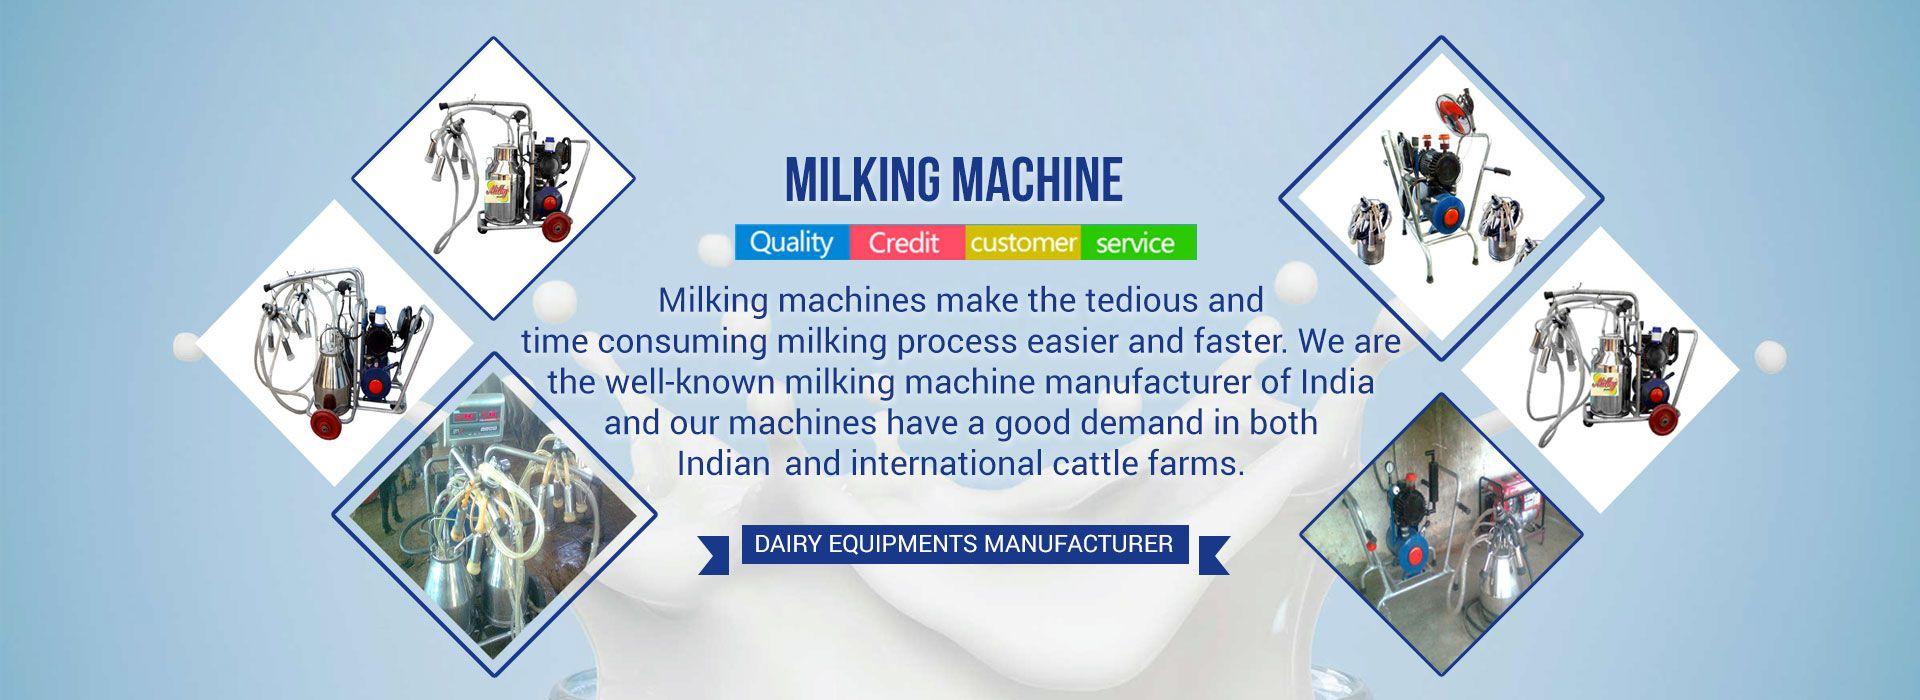 dairy-equipment-manufacturer